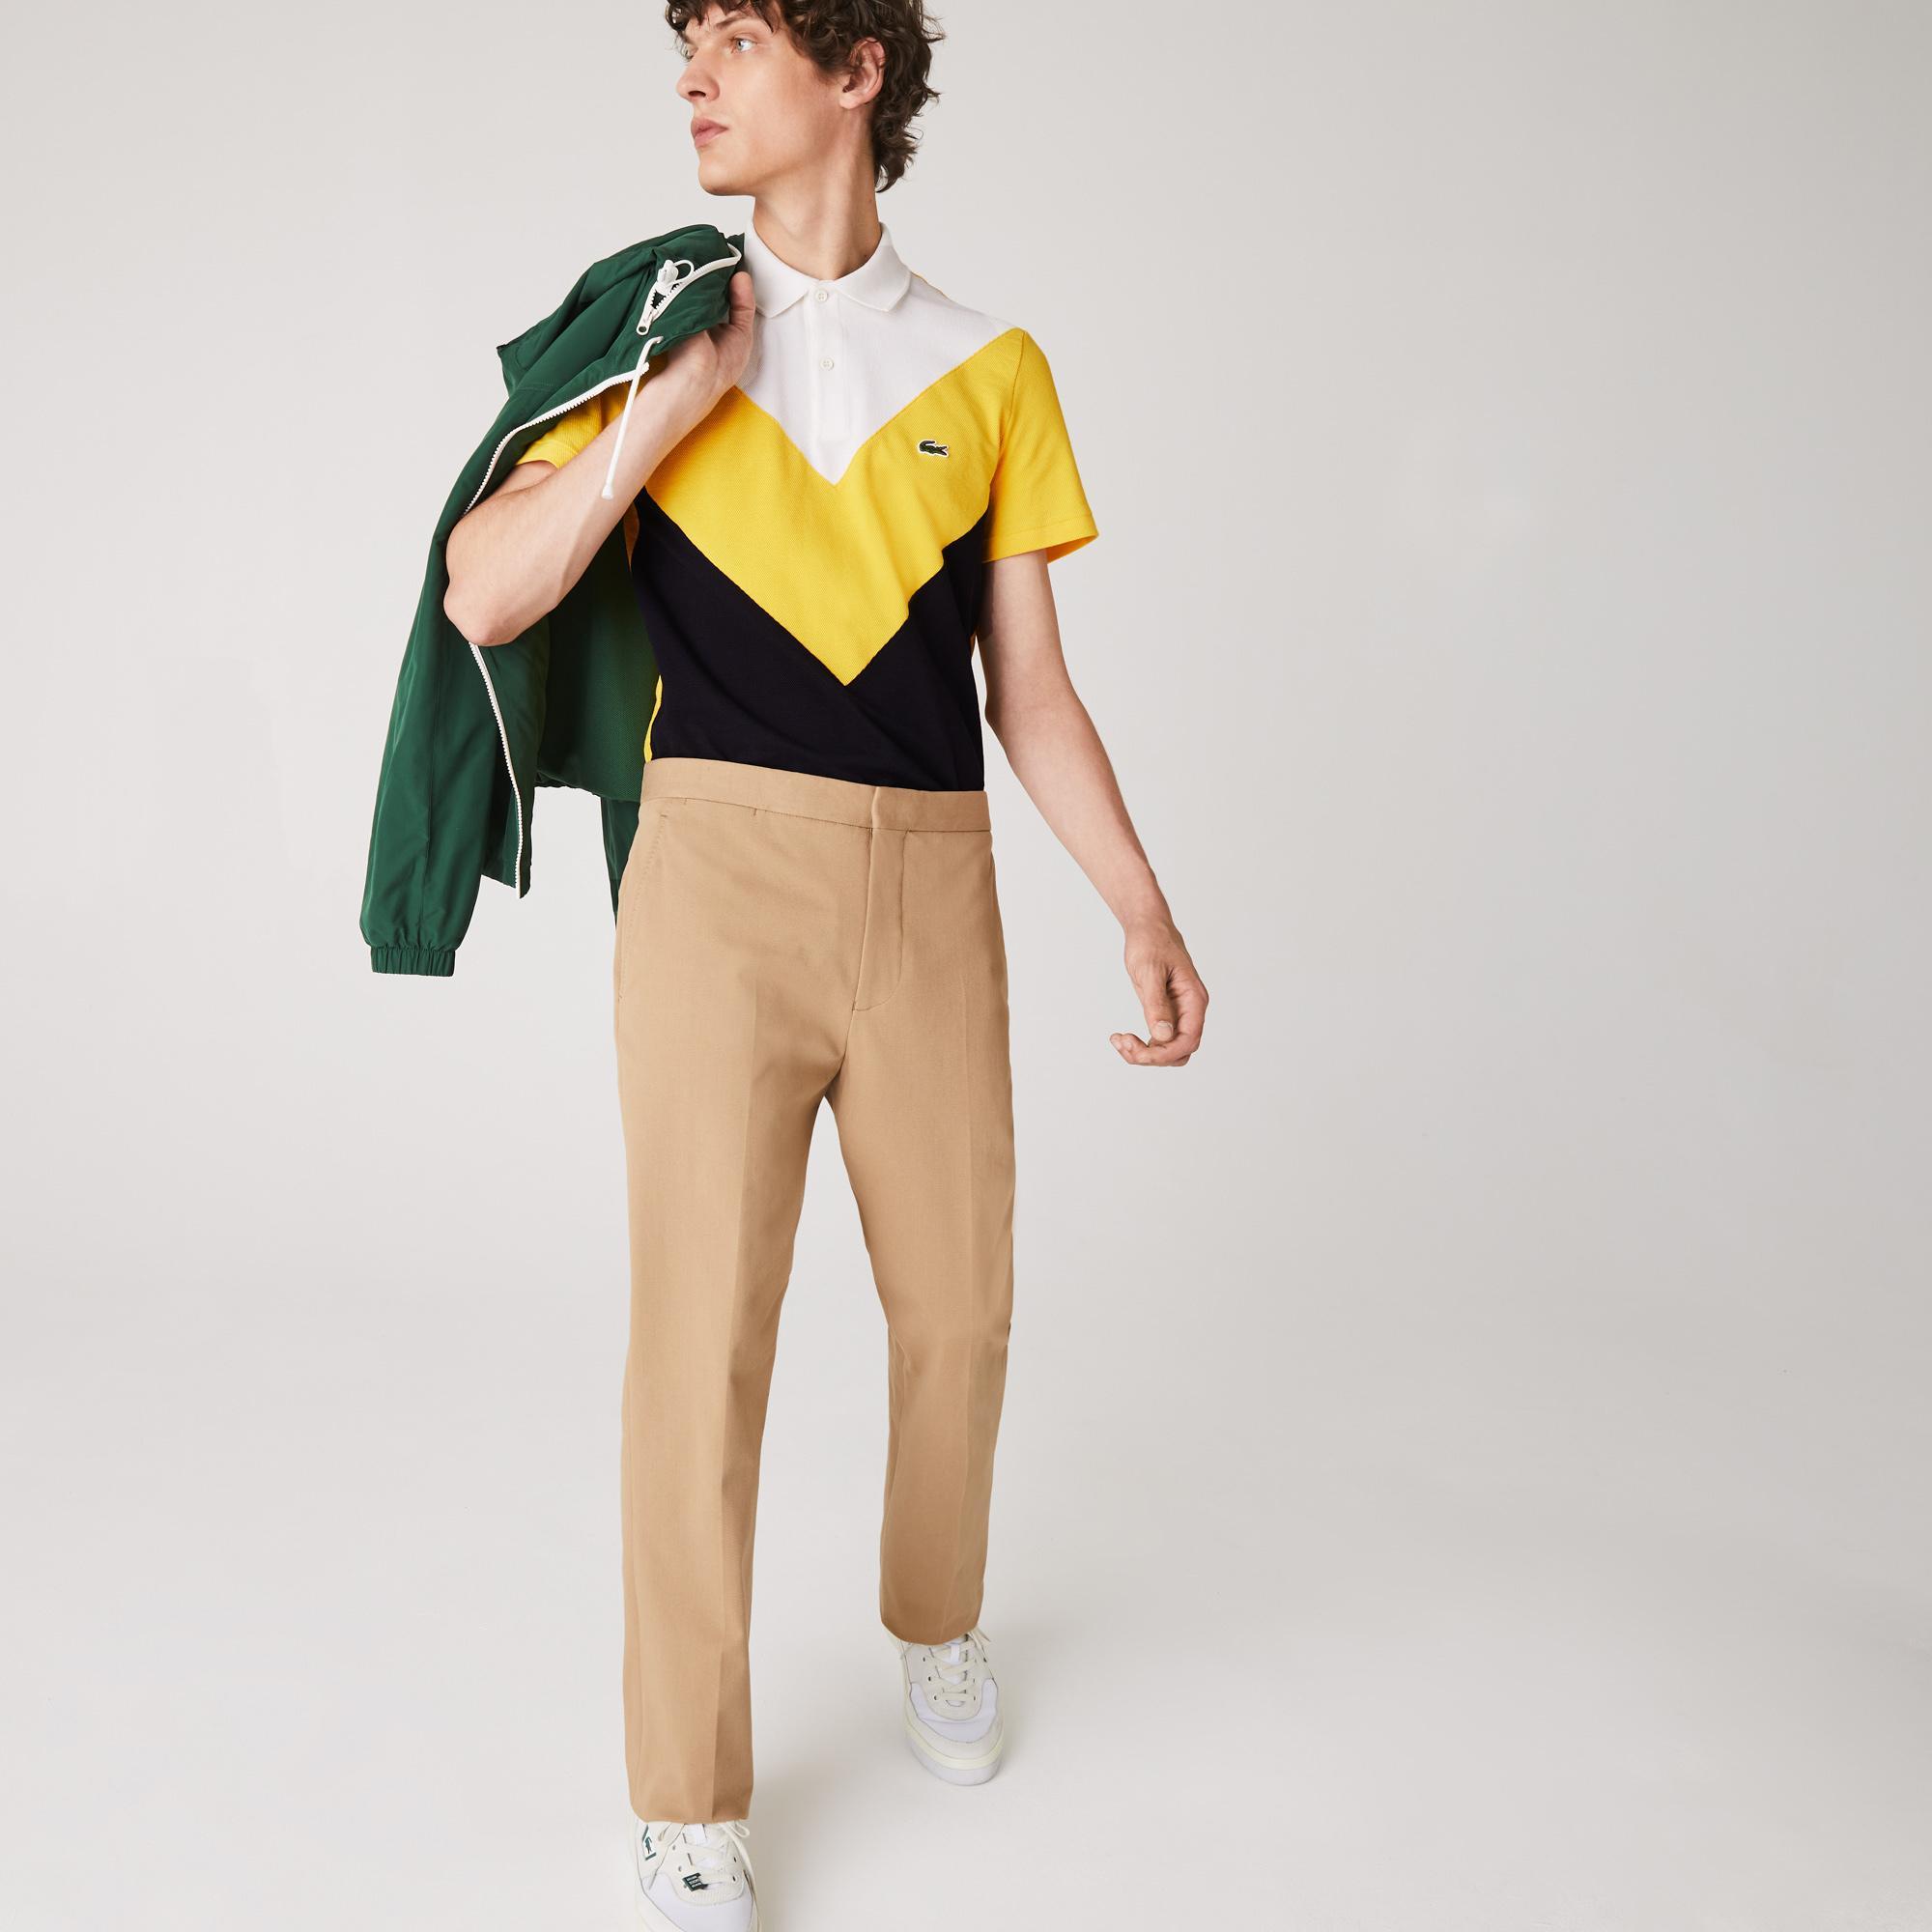 Lacoste Men's Regular Fit Geometric Colorblock Piqué Polo